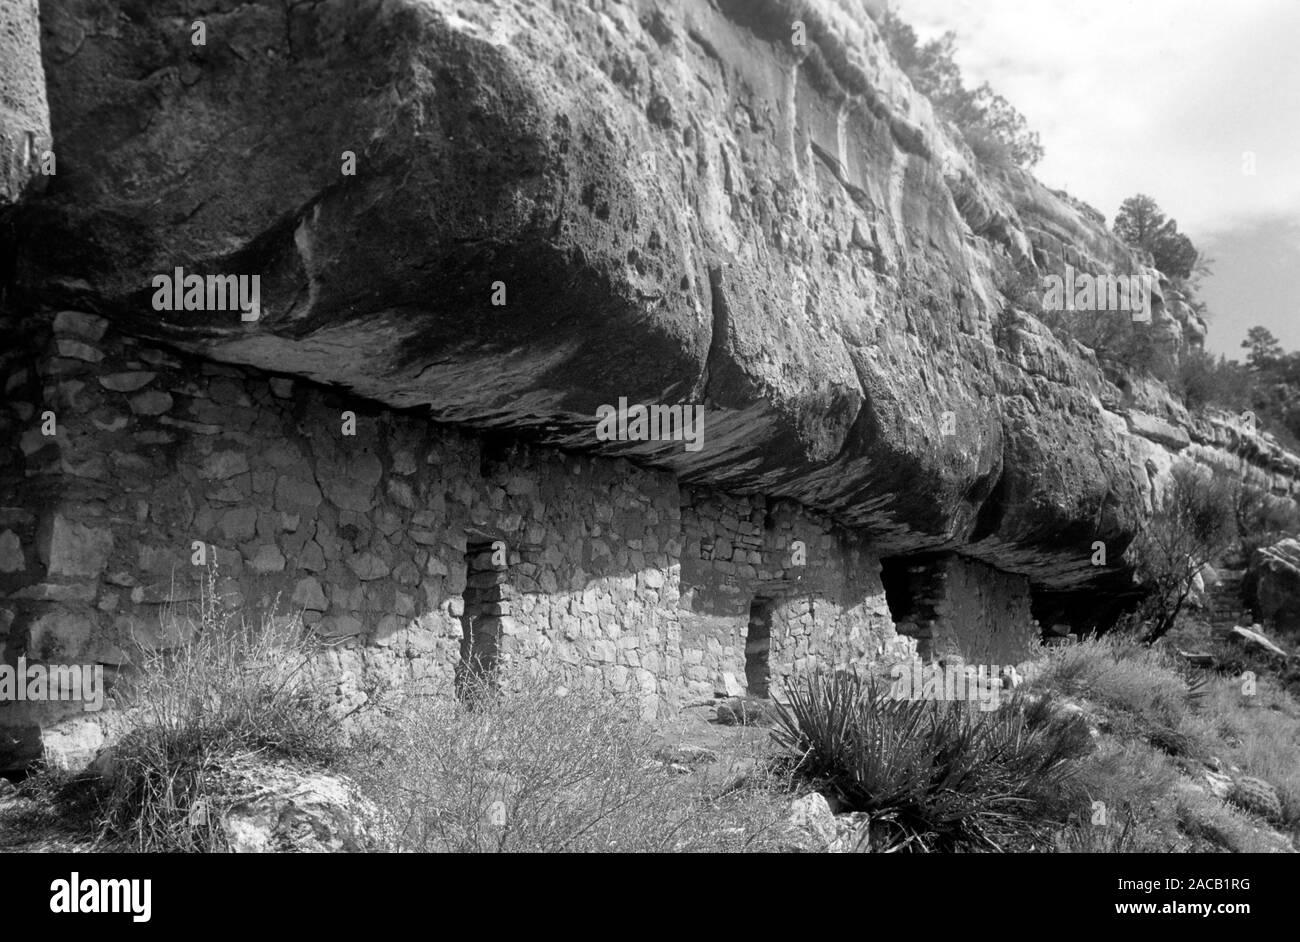 Kliff-Wohnungen von Pueblo- und Hopistämmen im Walnut Canyon, bewohnt bis 1200 n.Chr., 1962. Cliff dwellings von Pueblo und Hopi Stämme in Walnut Canyon, bis 1200 a.C., 1962 bewohnt. Stockfoto